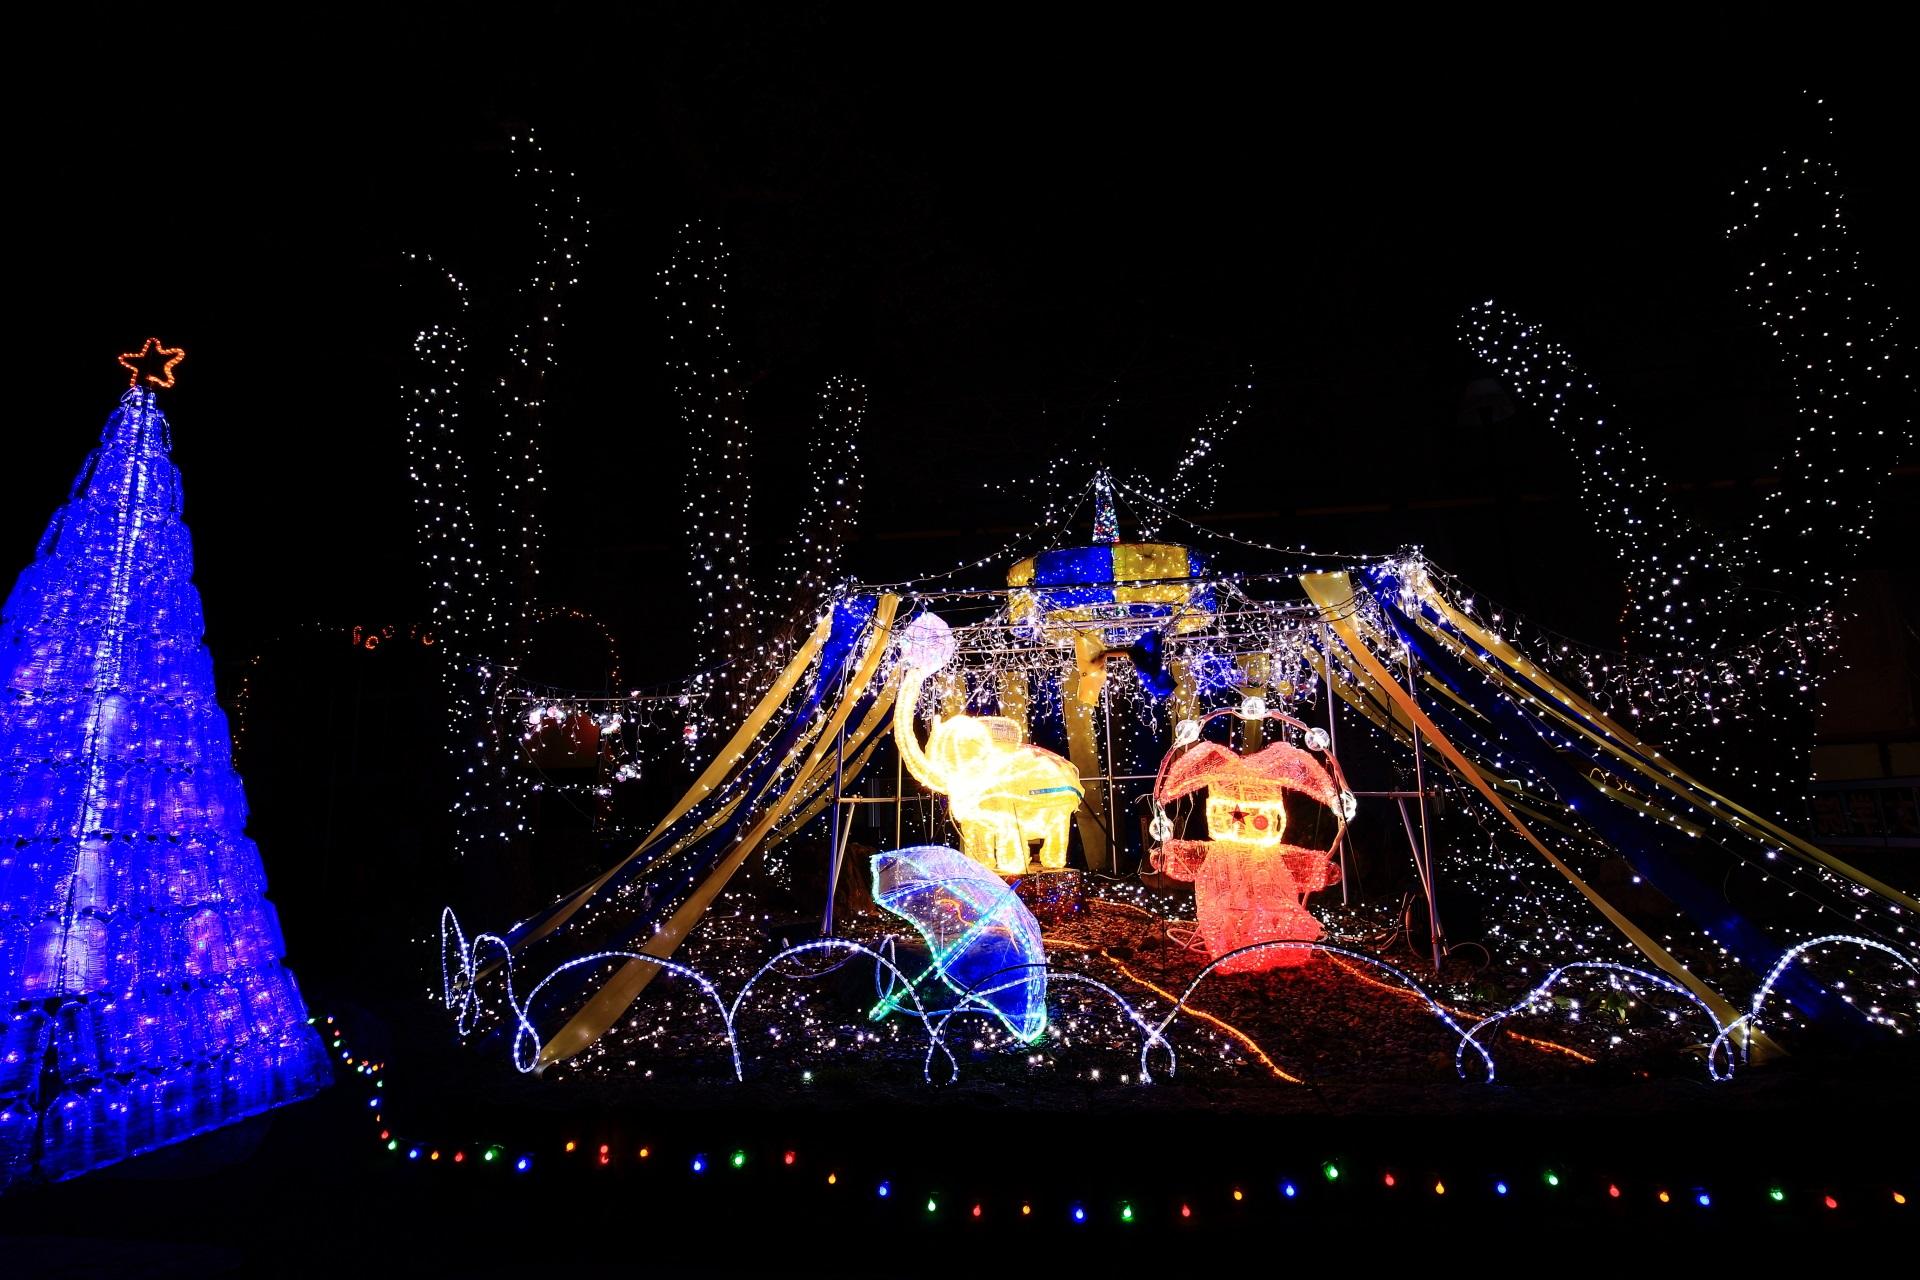 平安女学院 イルミネーション 綺麗 クリスマス